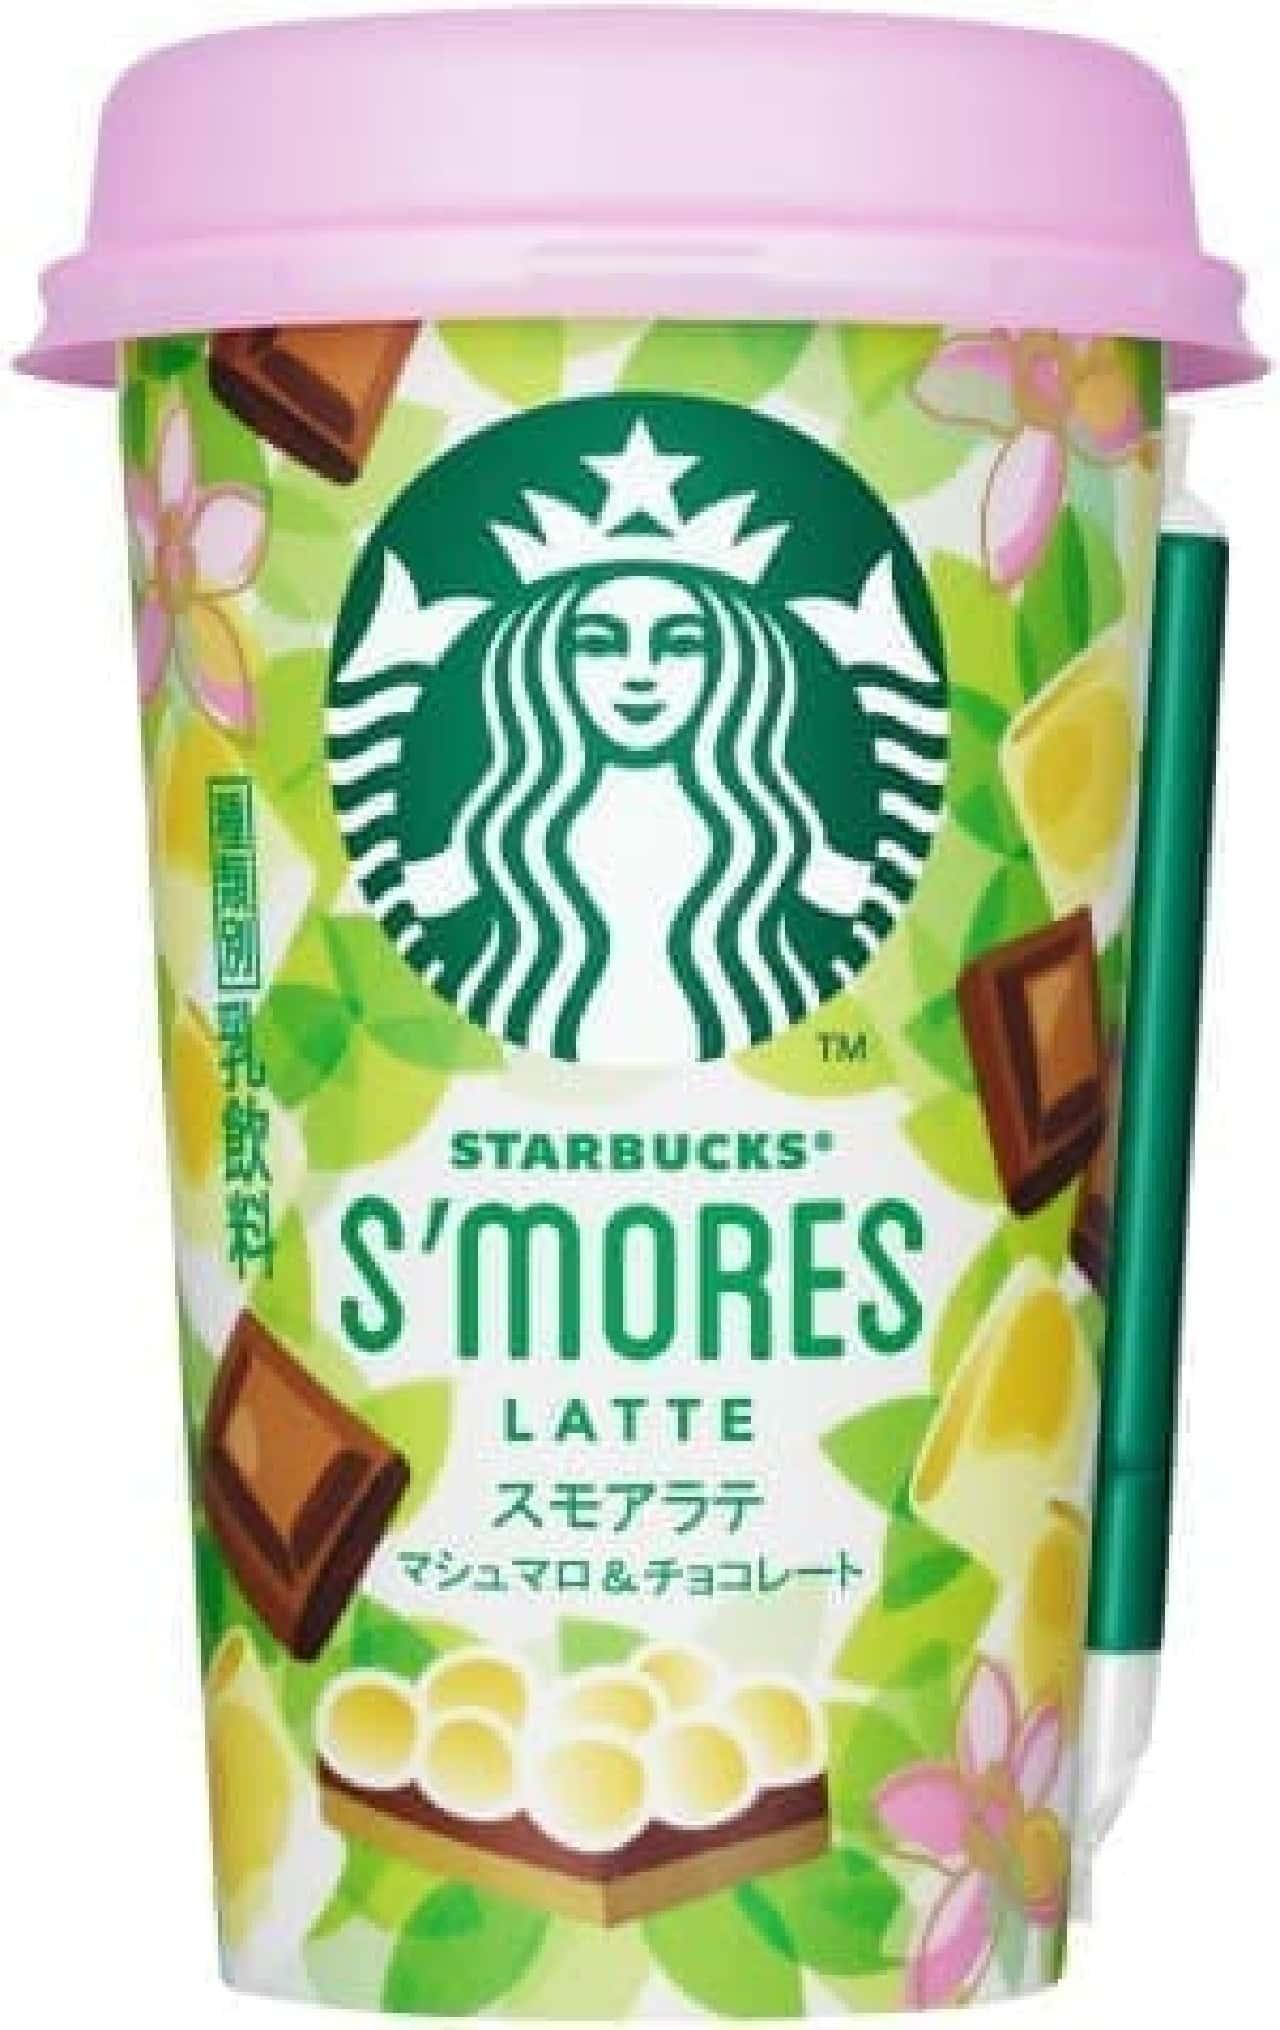 サントリー「スターバックス スモアラテ マシュマロ&チョコレート」